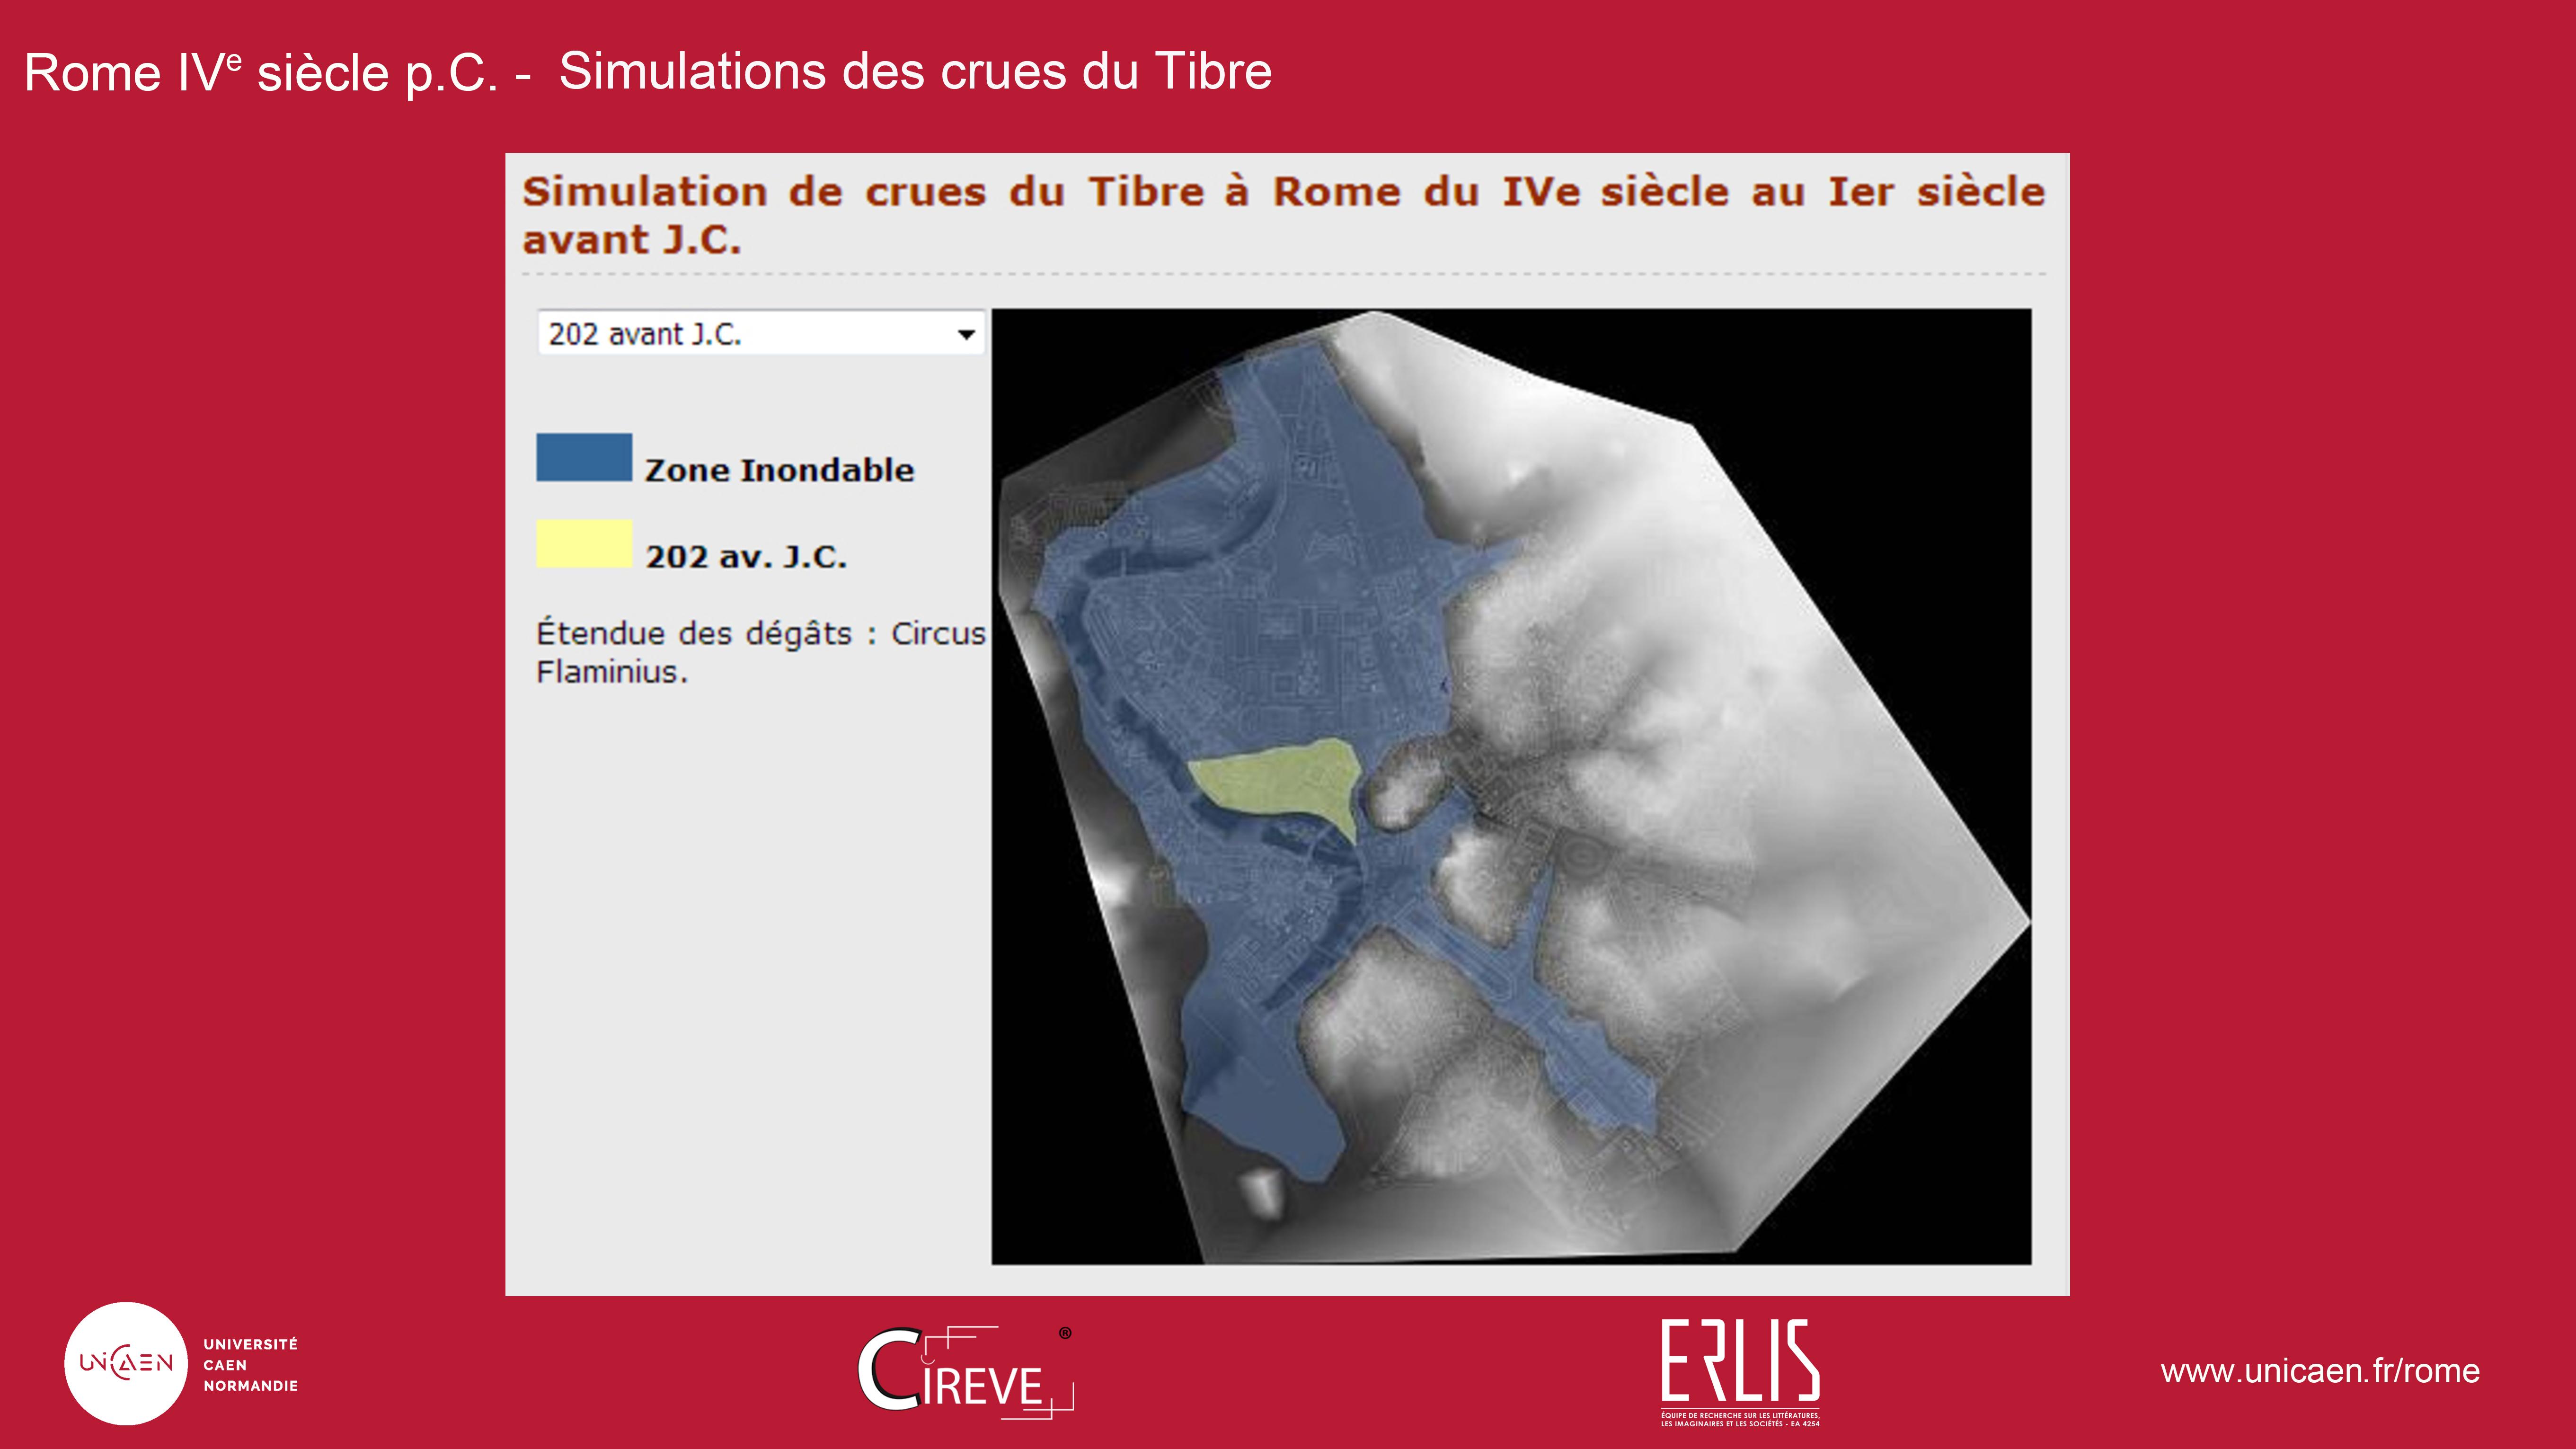 Simulation des crues du Tibre